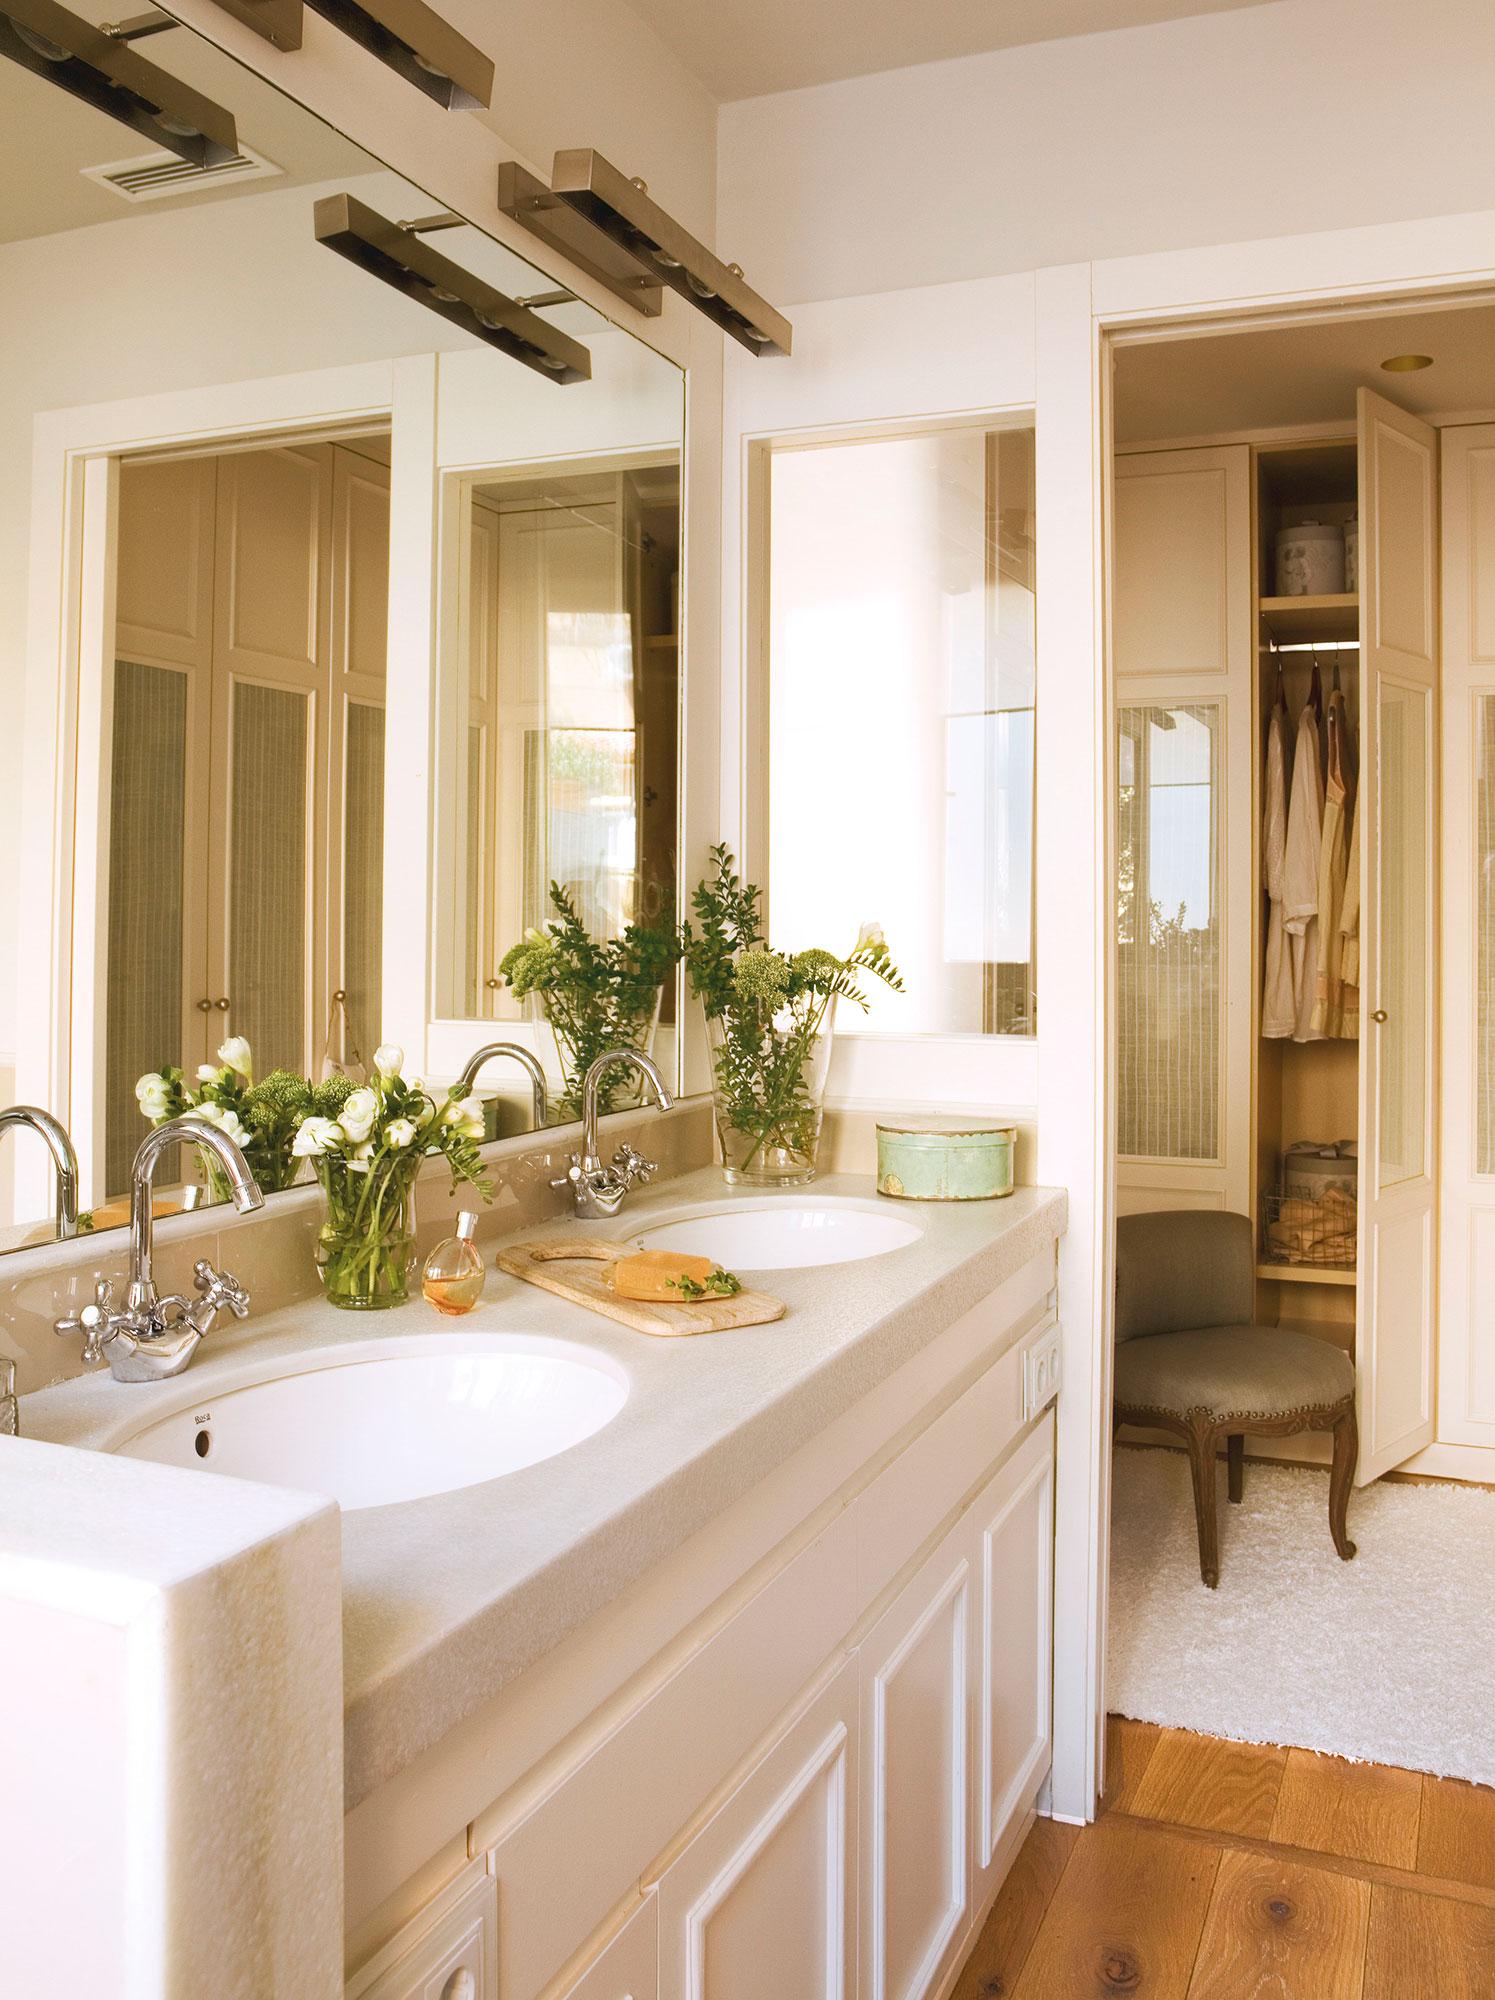 Baño abierto al vestidor con mueble bajolavabo y lavamos dobles